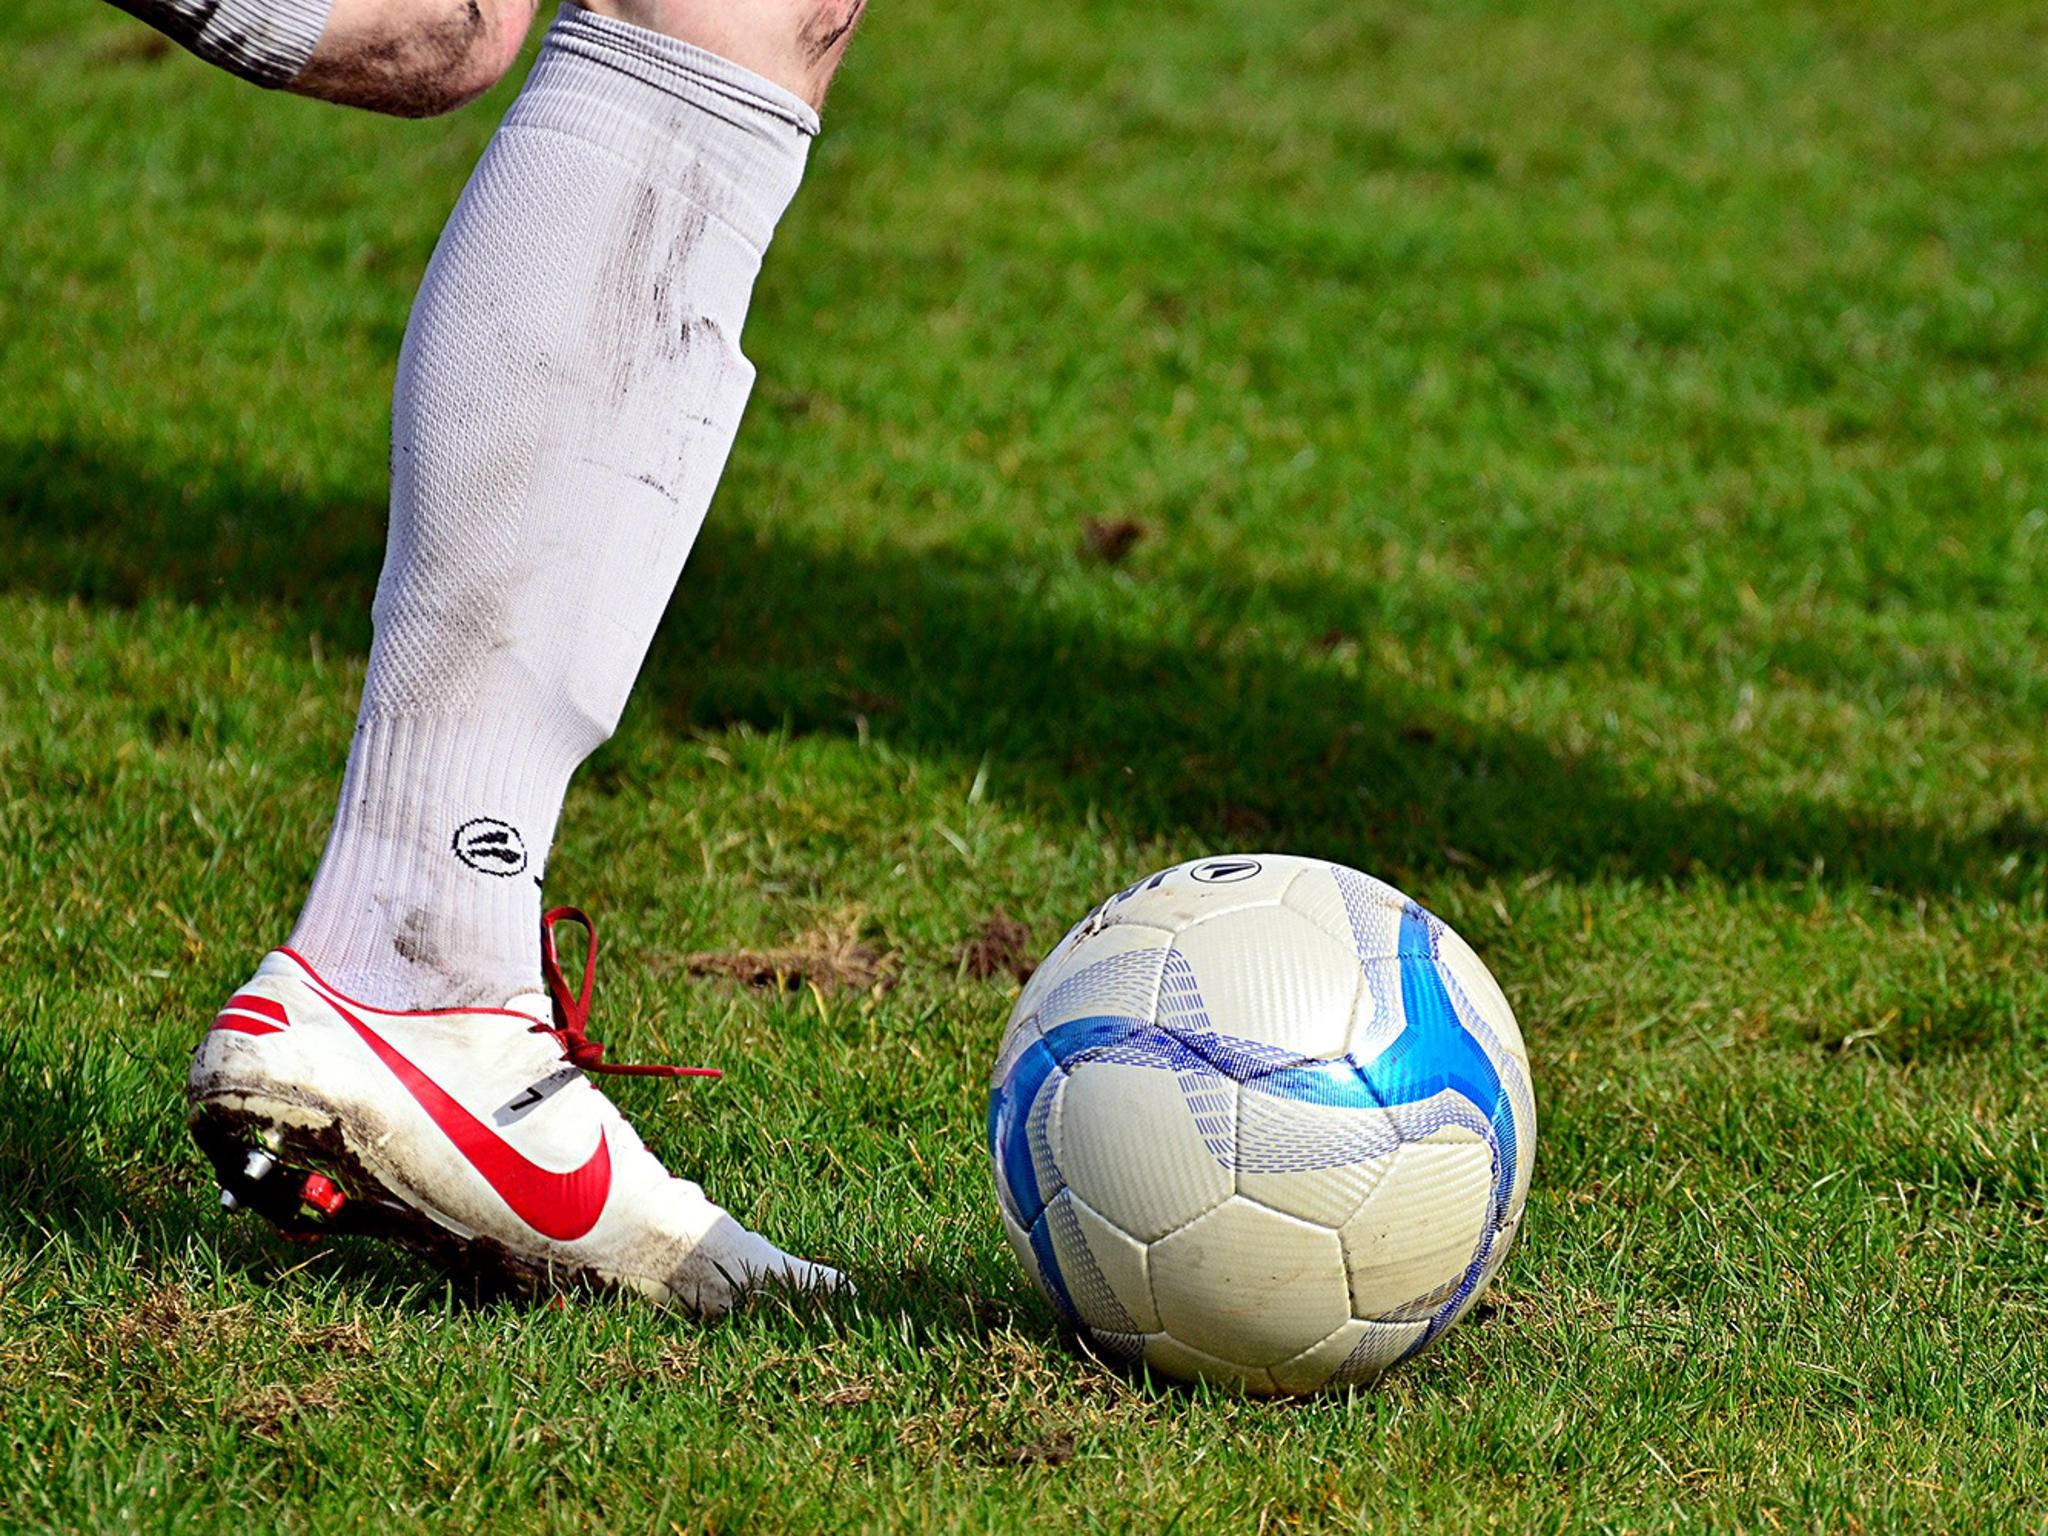 Tore, Menschen, Sensationen! Fußball-Apps halten Dich auf dem Laufenden.